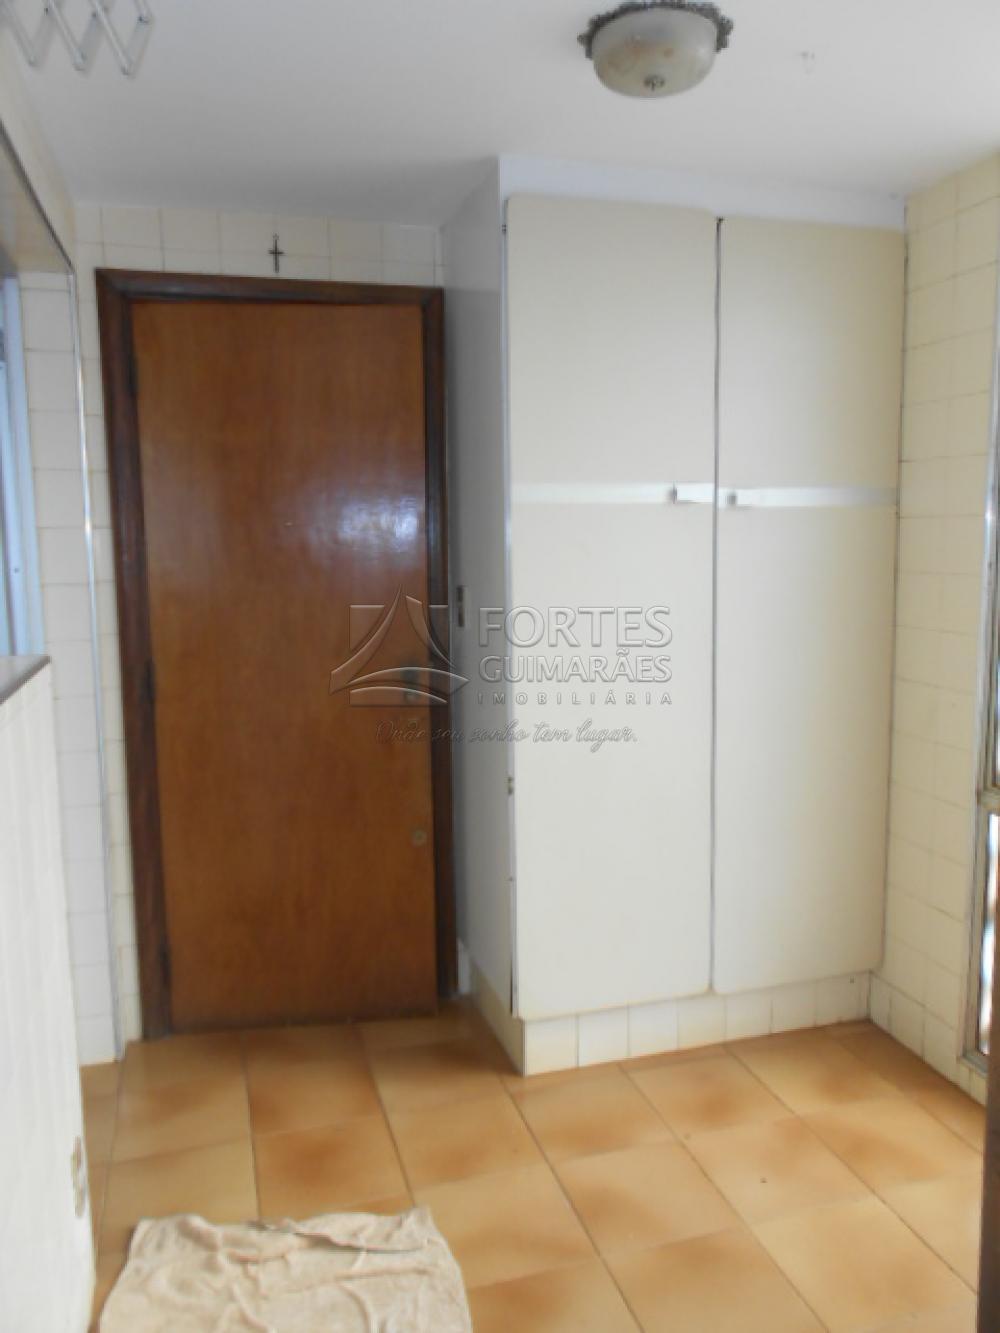 Alugar Apartamentos / Padrão em Ribeirão Preto apenas R$ 1.500,00 - Foto 70